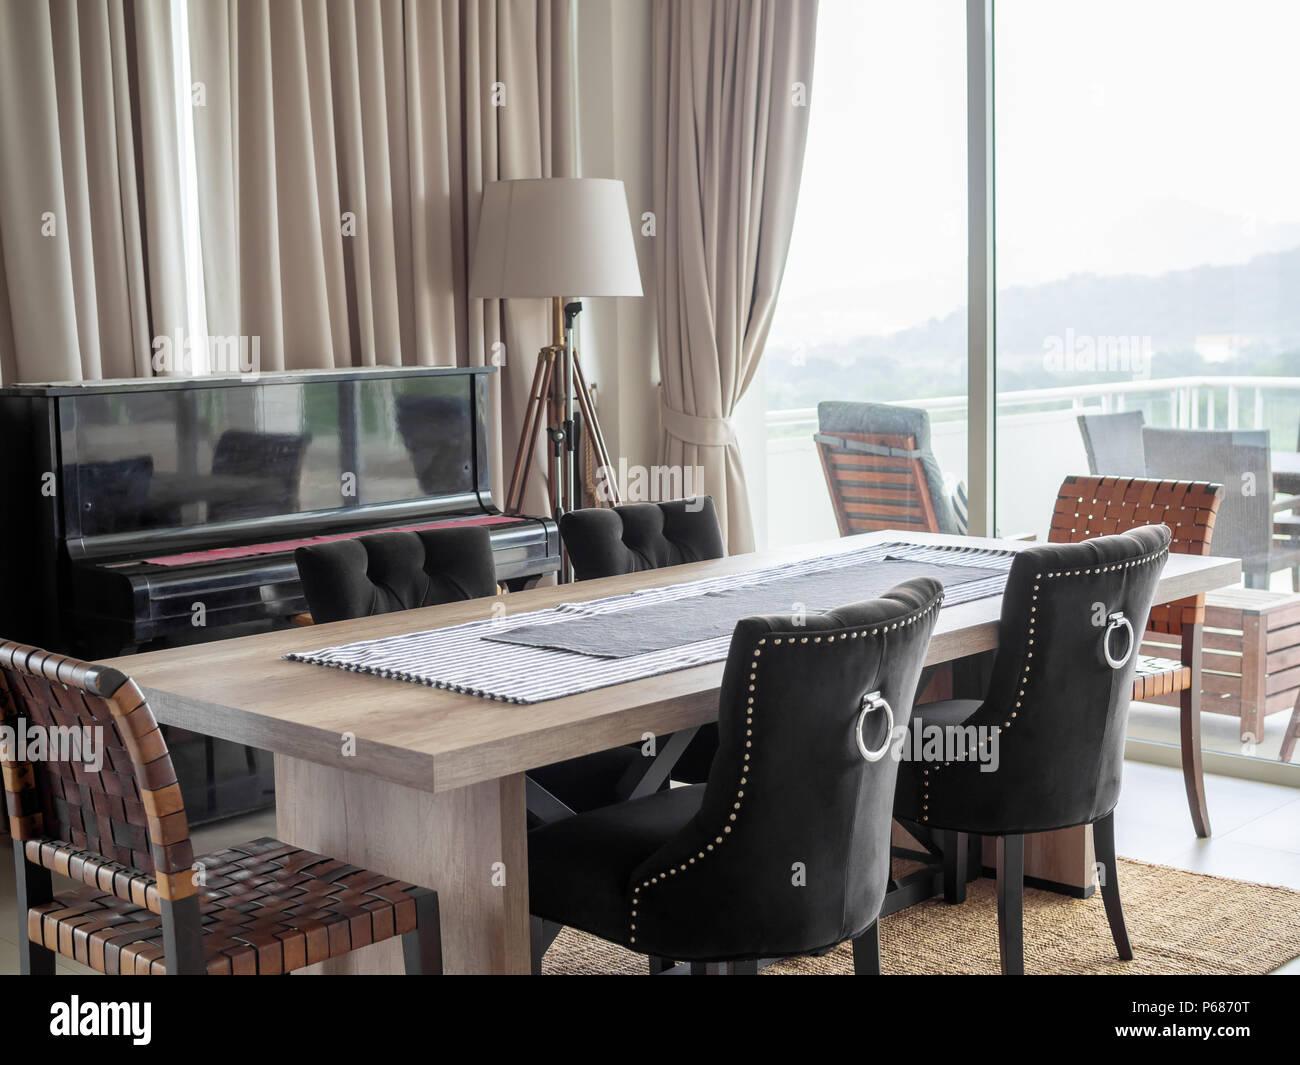 Rideau Pour Salle A Manger Moderne hôtel moderne de luxe intérieur salle à manger avec table à